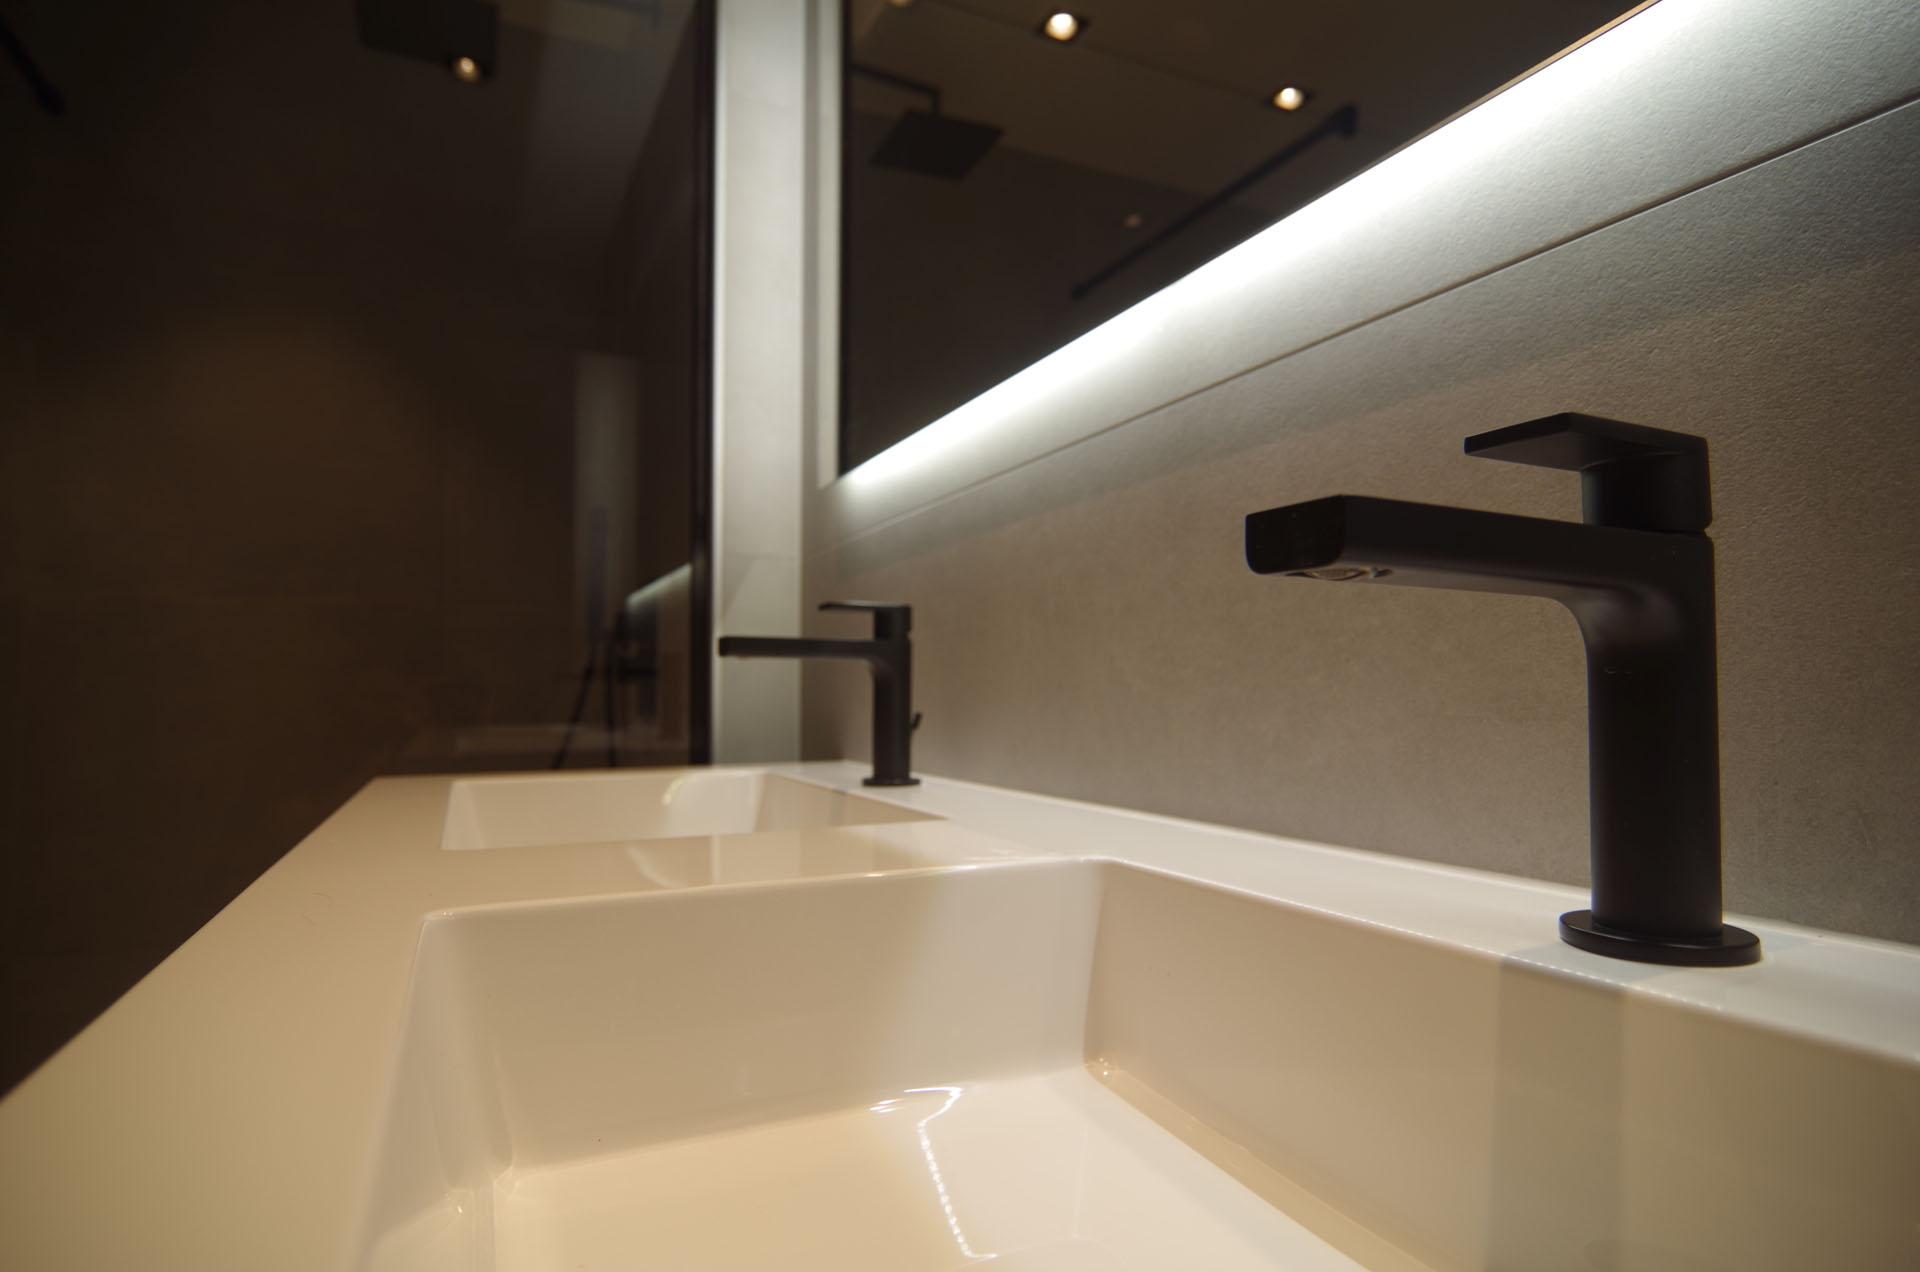 B&W Badkamers | Badkamers en badkamerrenovatie in Heist-op-den-Berg | Zwart beslag kranen